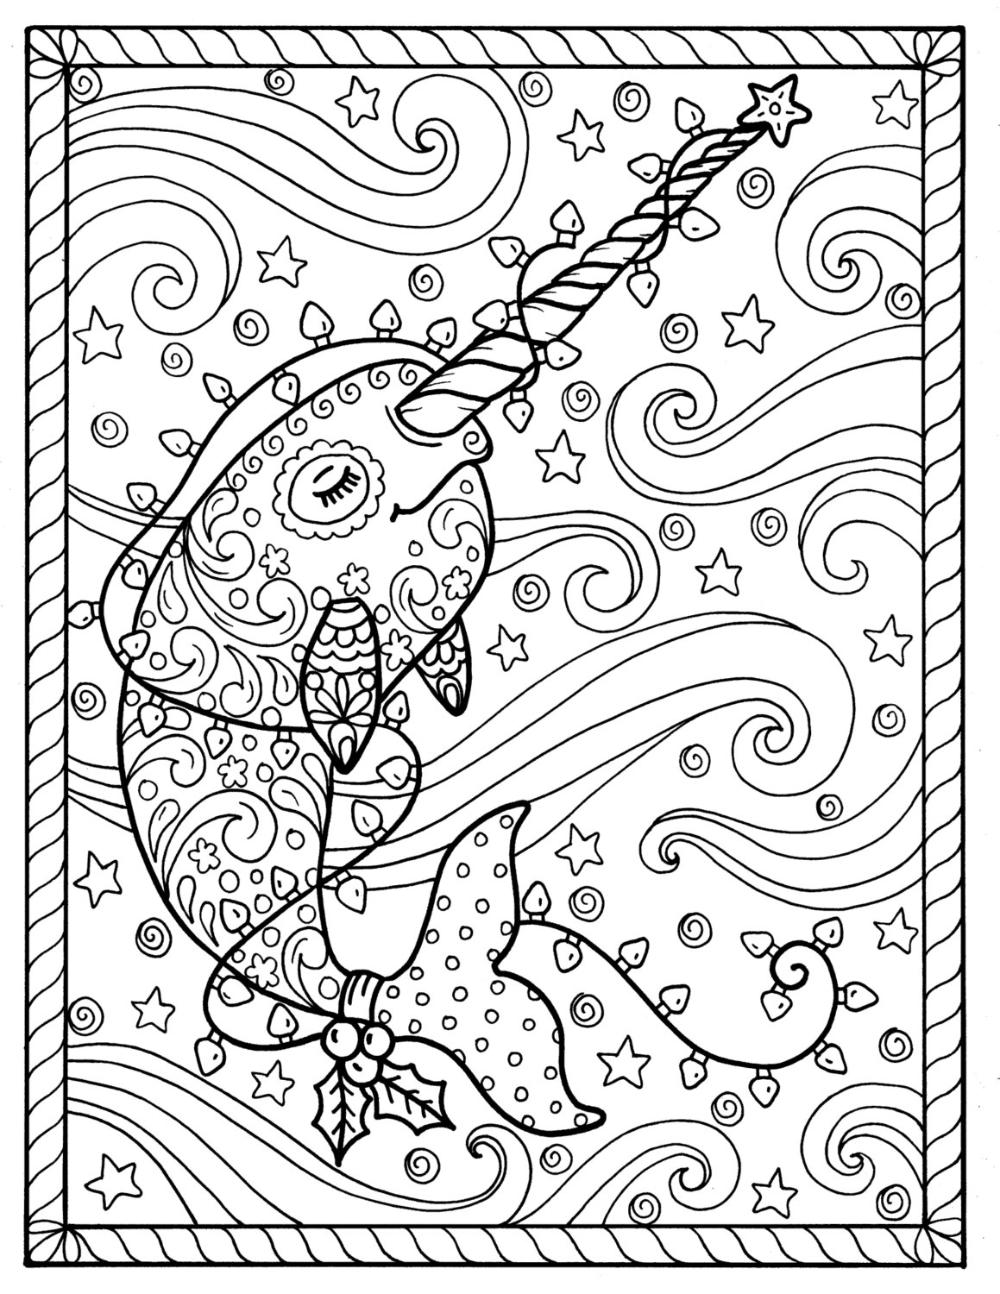 Narwal kerst kleurplaten pagina's volwassen kleurboeken